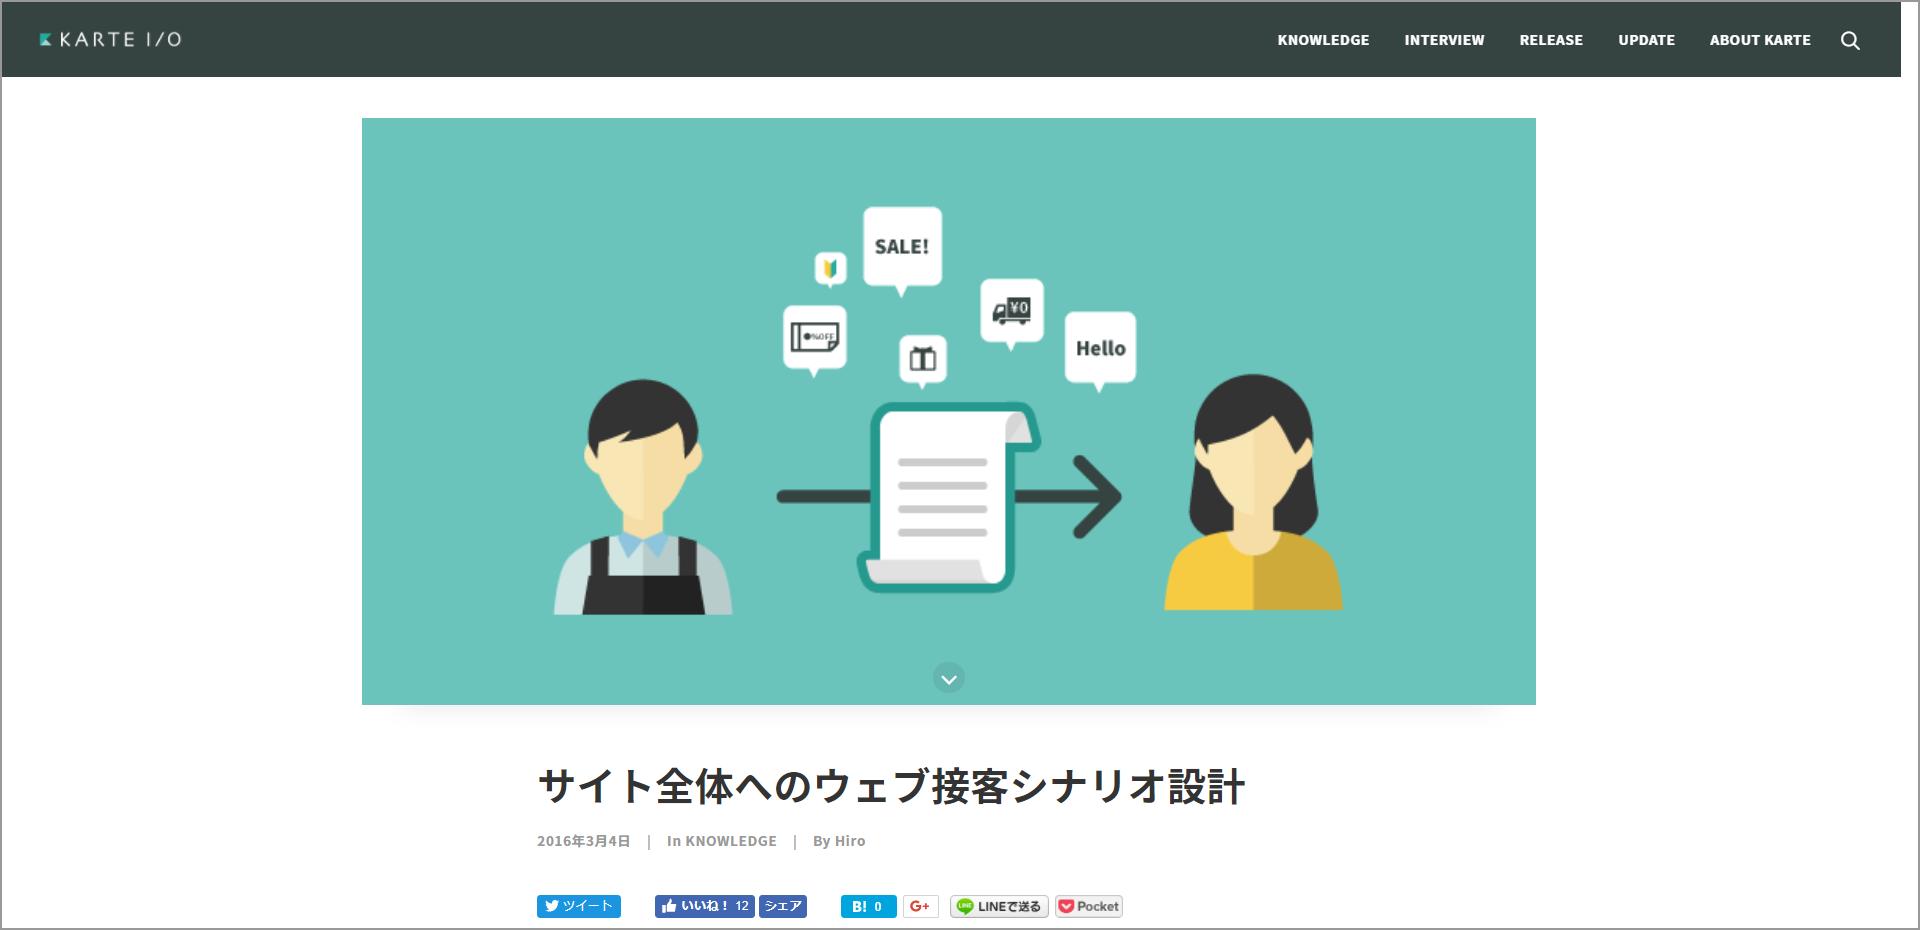 参考サイト:KARTE「サイト全体のウェブ接客シナリオ設計」Webページ画像